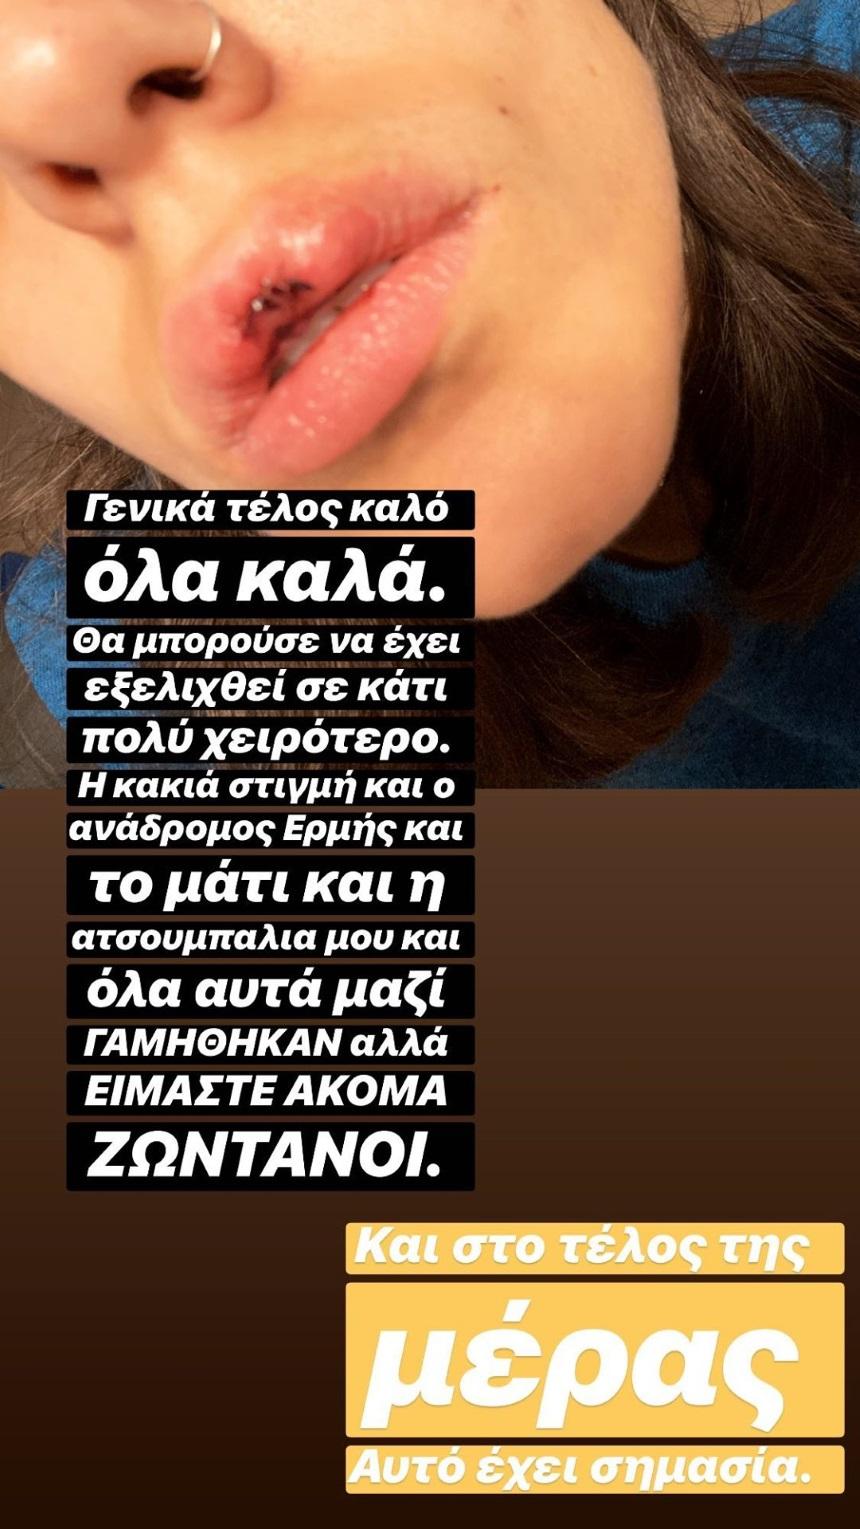 Ατύχημα για την Άννα Μαρία Βέλλη - Παραμορφώθηκαν τα χείλη της [pics]